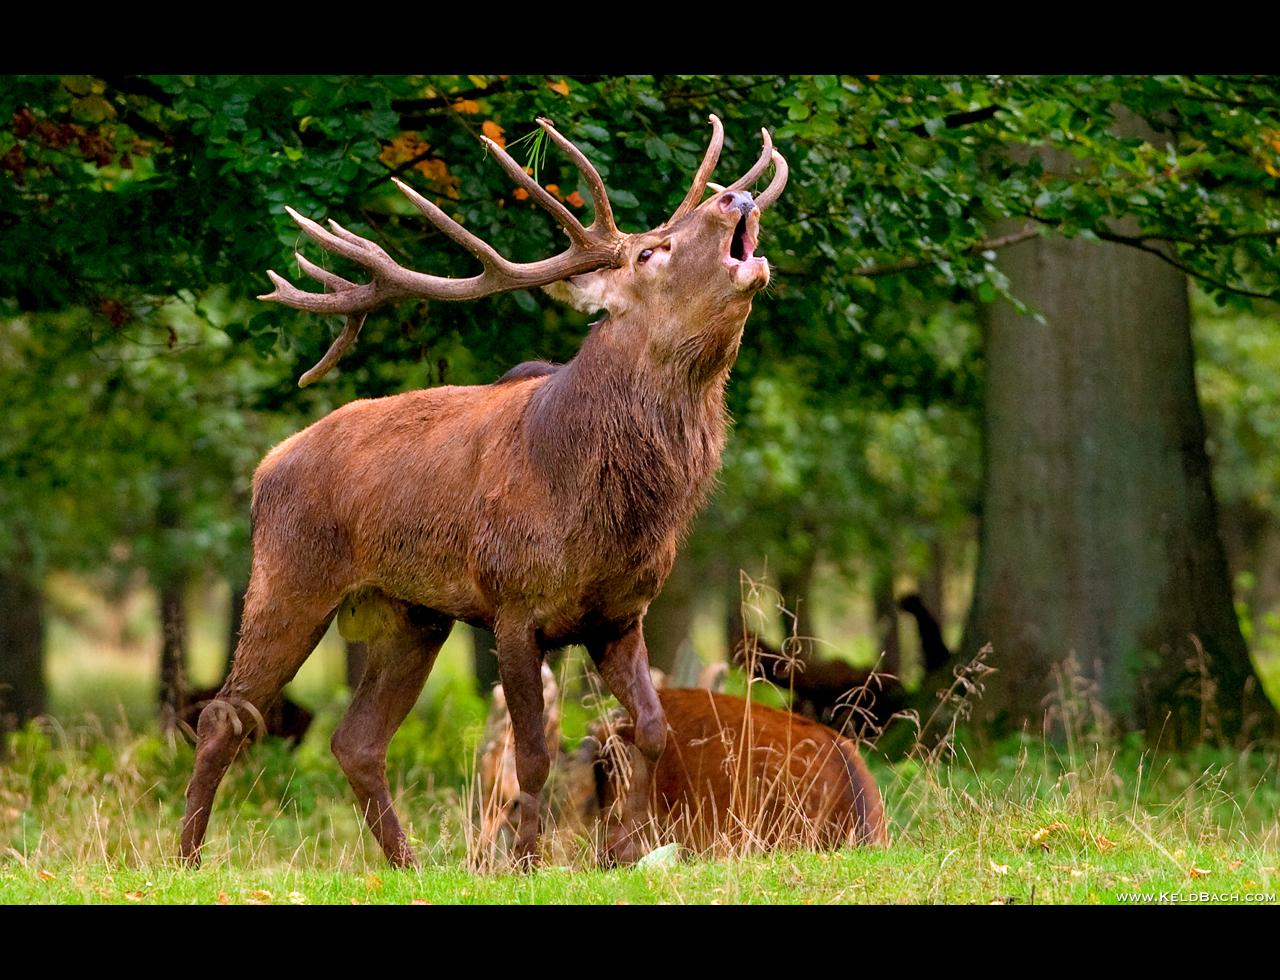 Hear Me Roar! by KeldBach